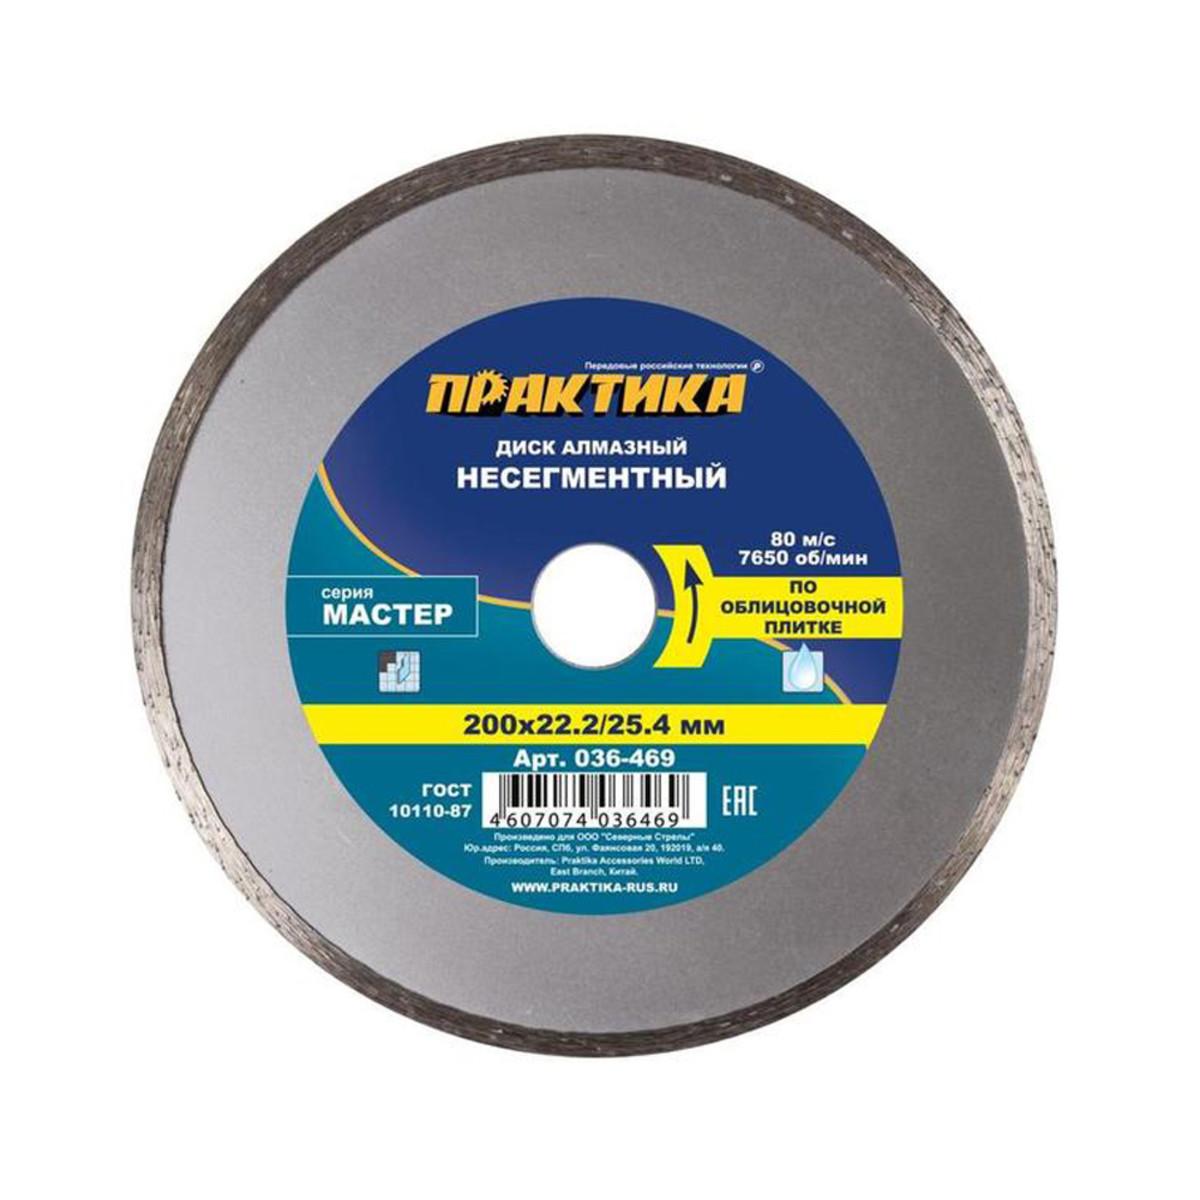 Диск Алмазный Практика 200Х22/254 036-469